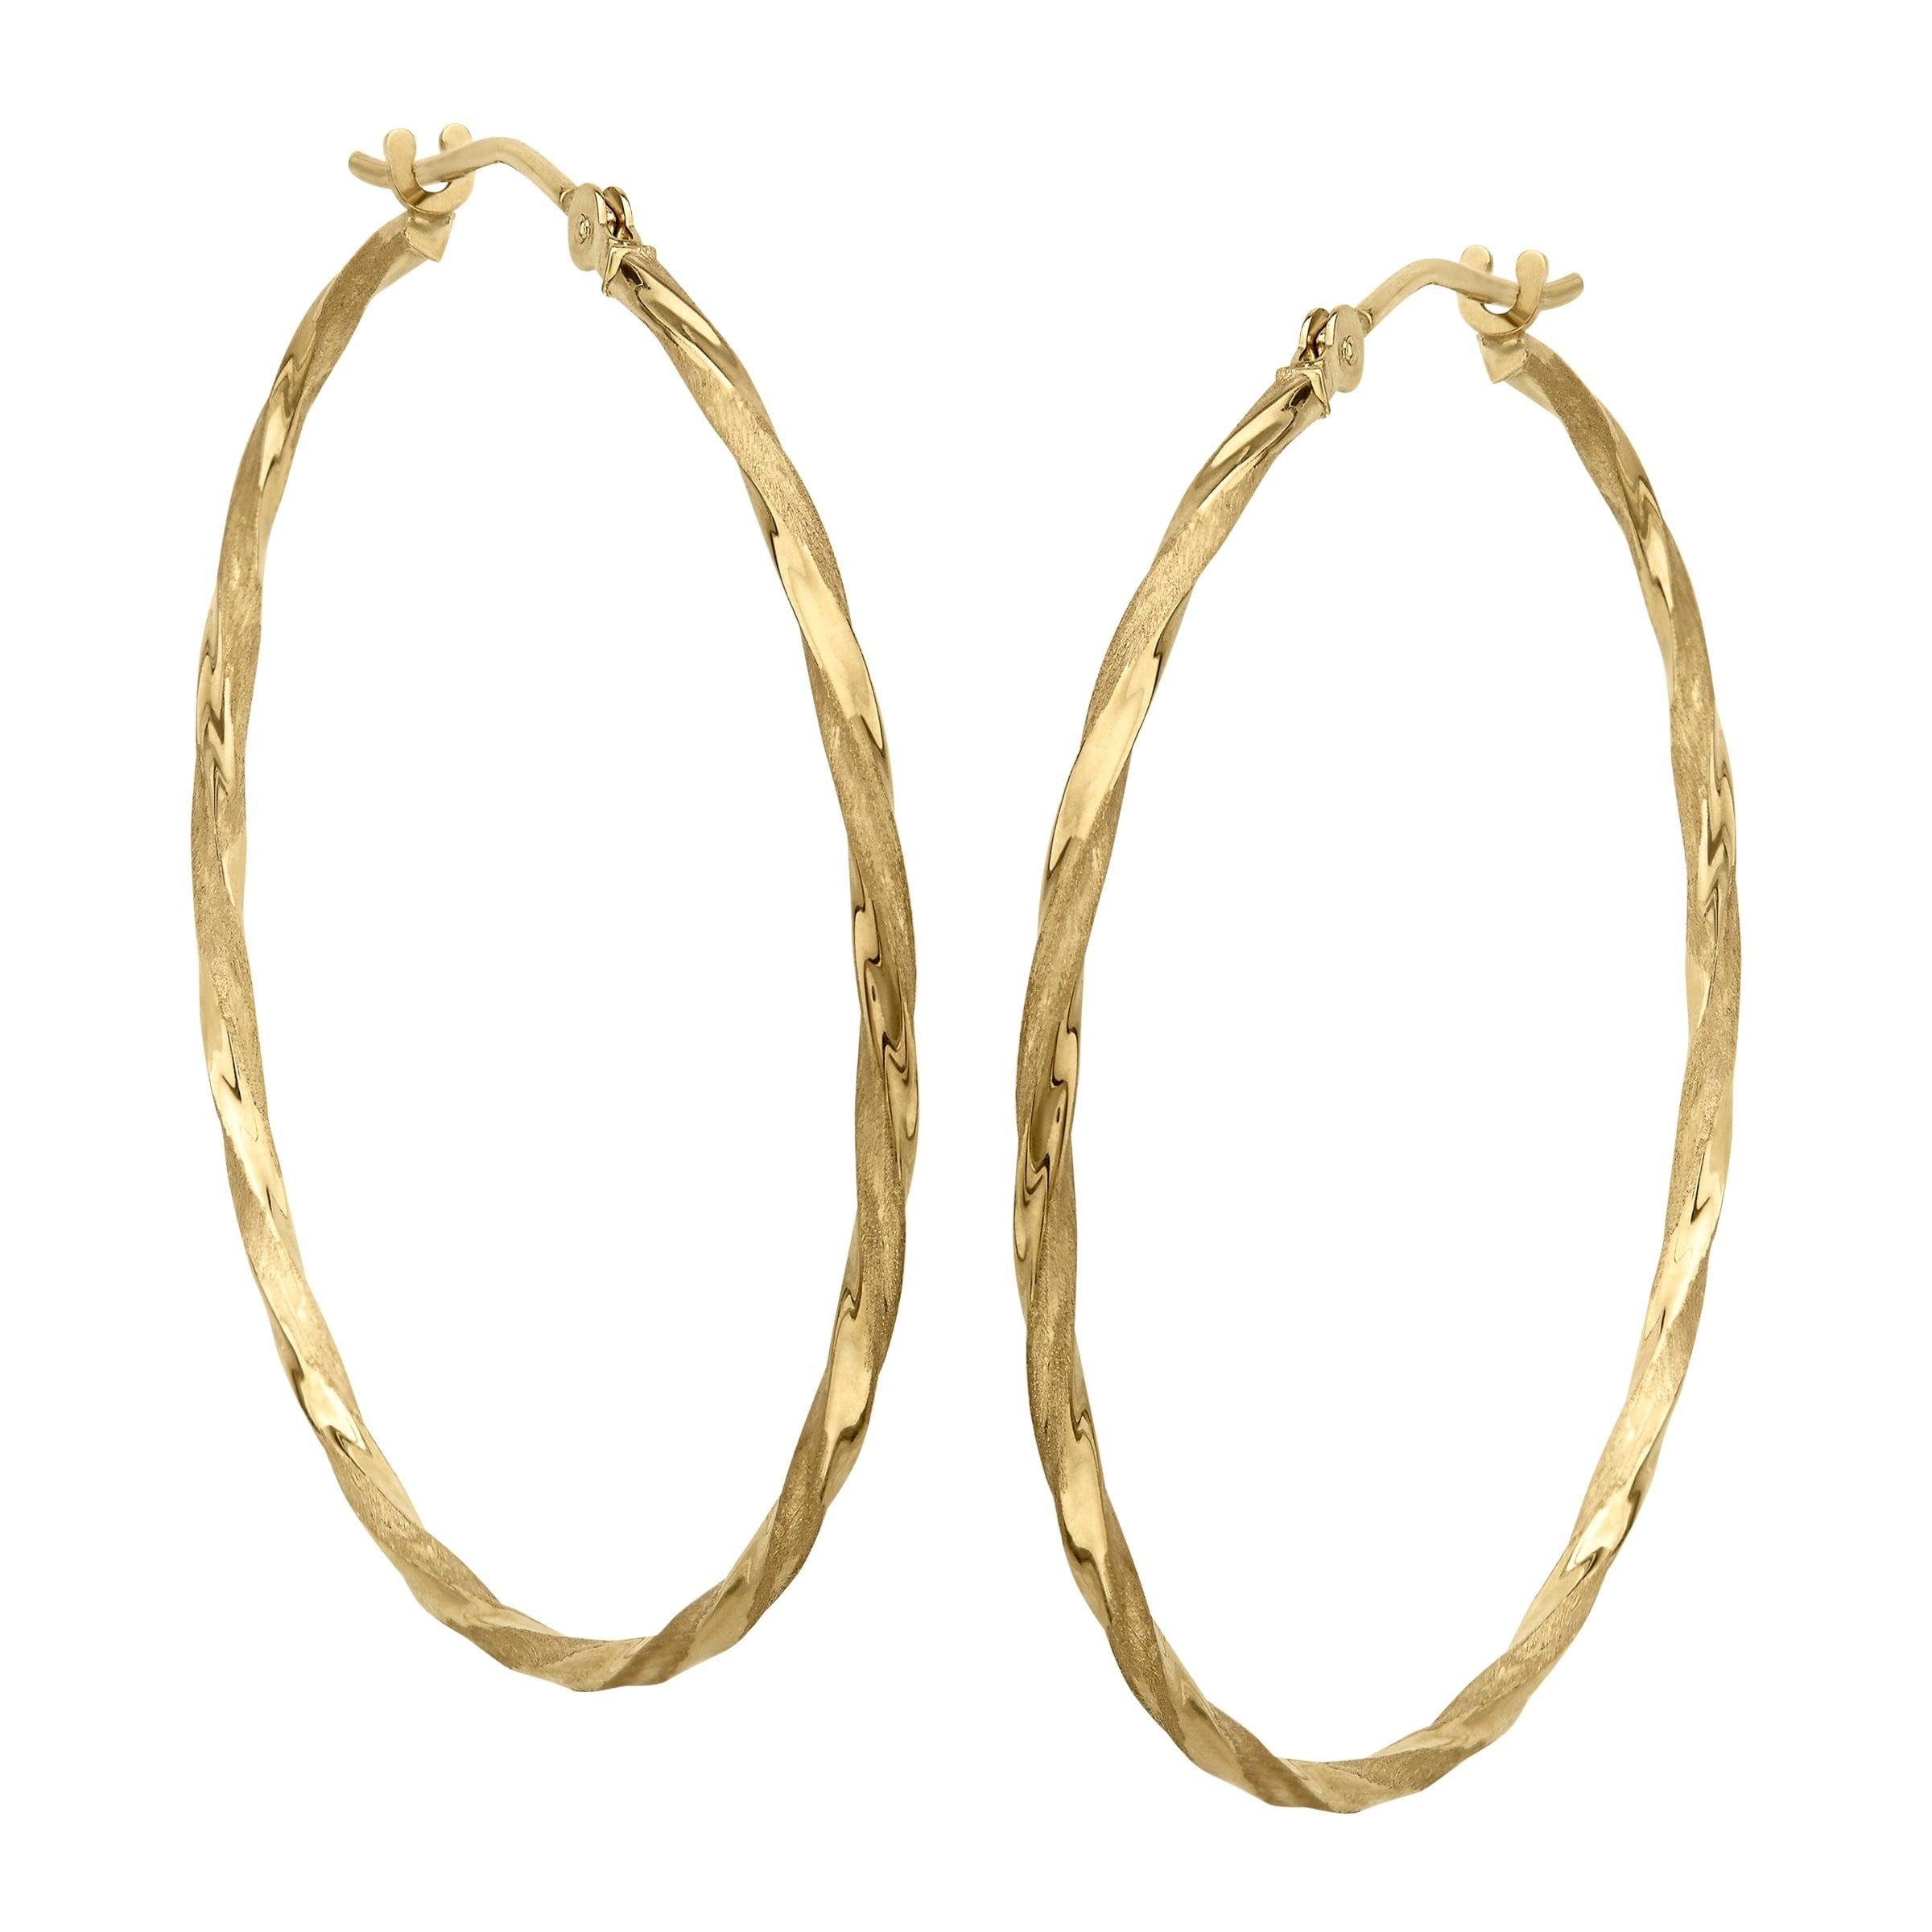 7d82891ea47fc Eternity Gold Twisted Hoop Earrings in 14K Gold - Yellow